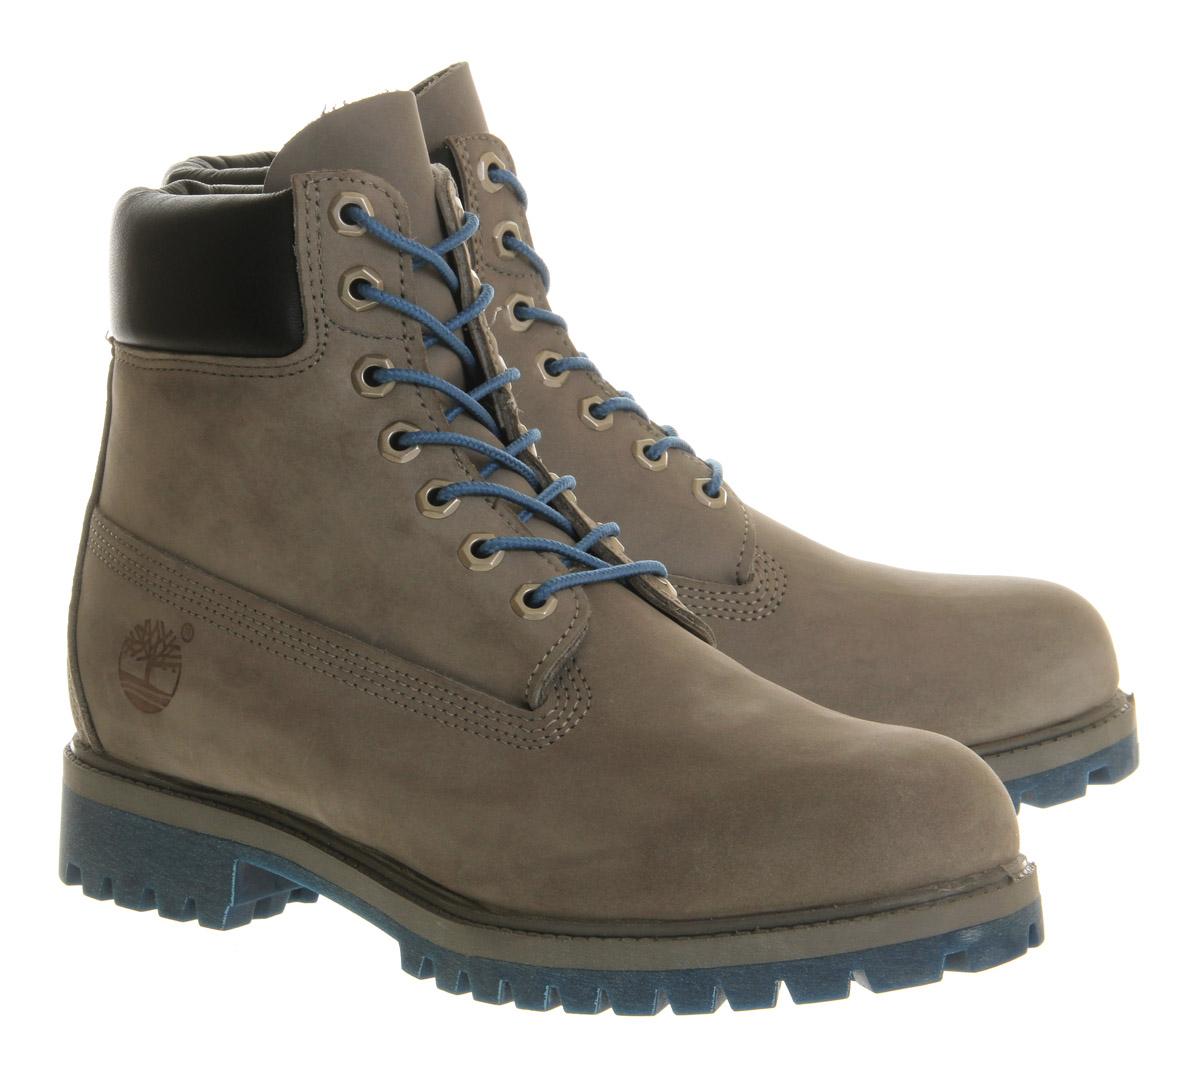 Elegant Timberland Women39s 6 Inch Premium Boot Grey Nubuck Mono 85 M US